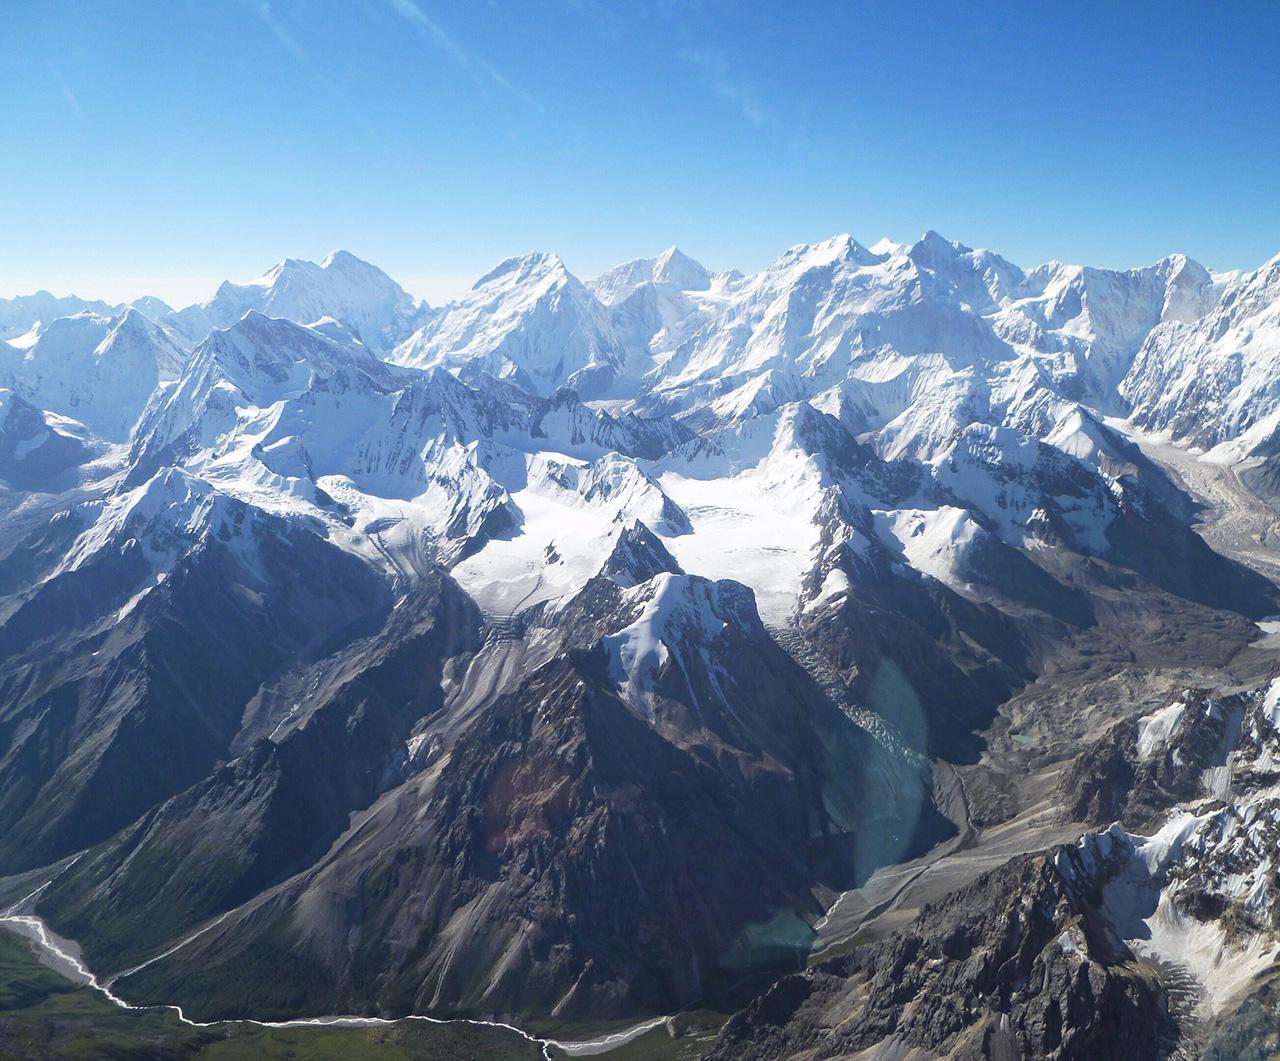 เทือกเขาเทียนซานในเขตปกครองตนเองซินเจียงของจีน Credit : IUCN/Pierre Galland